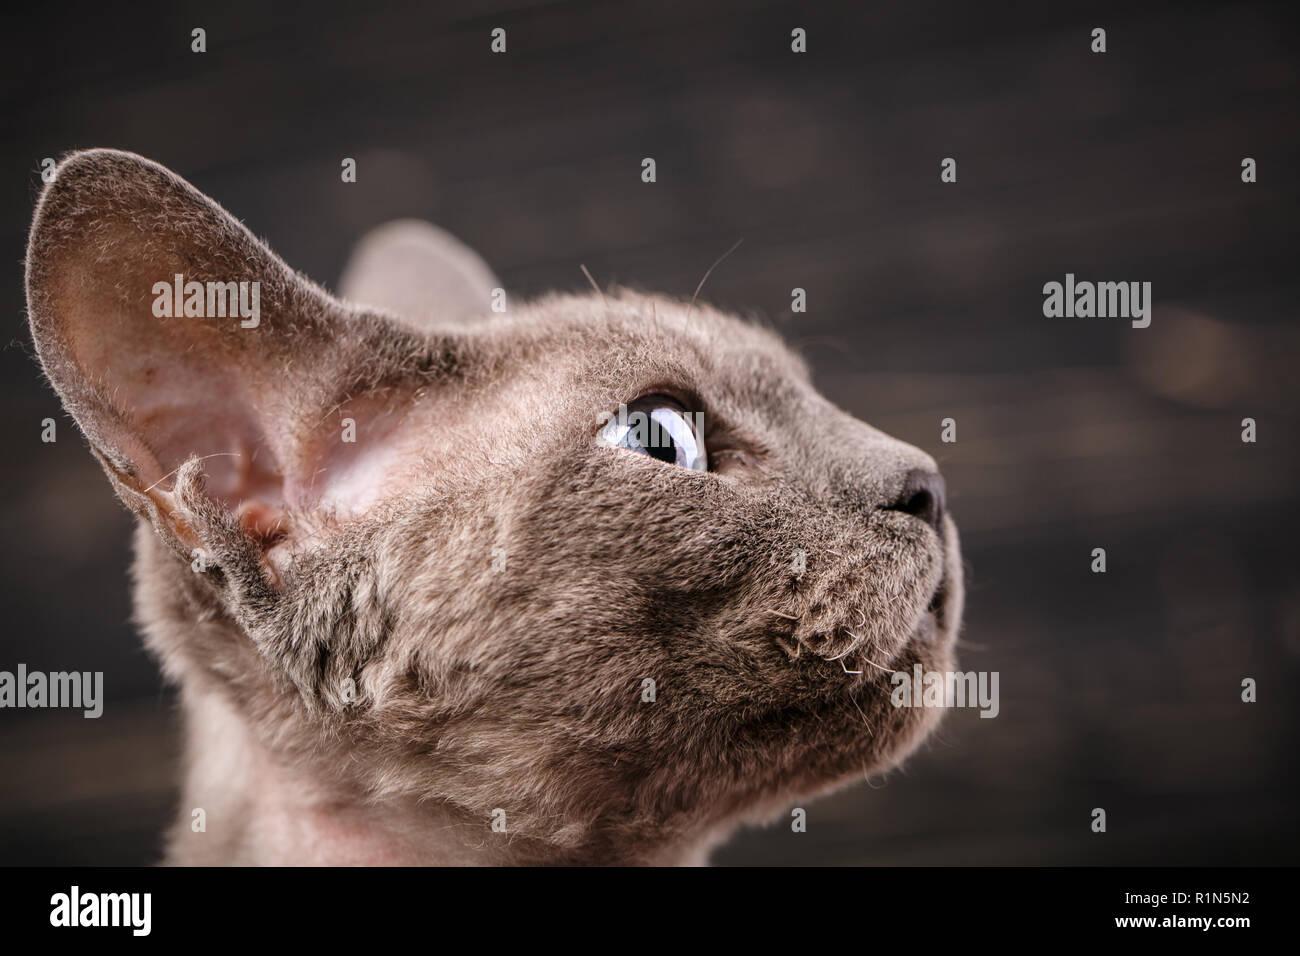 Devon Rex-cat close-up verticale. Esposizione di gatti concetto. Immagini Stock